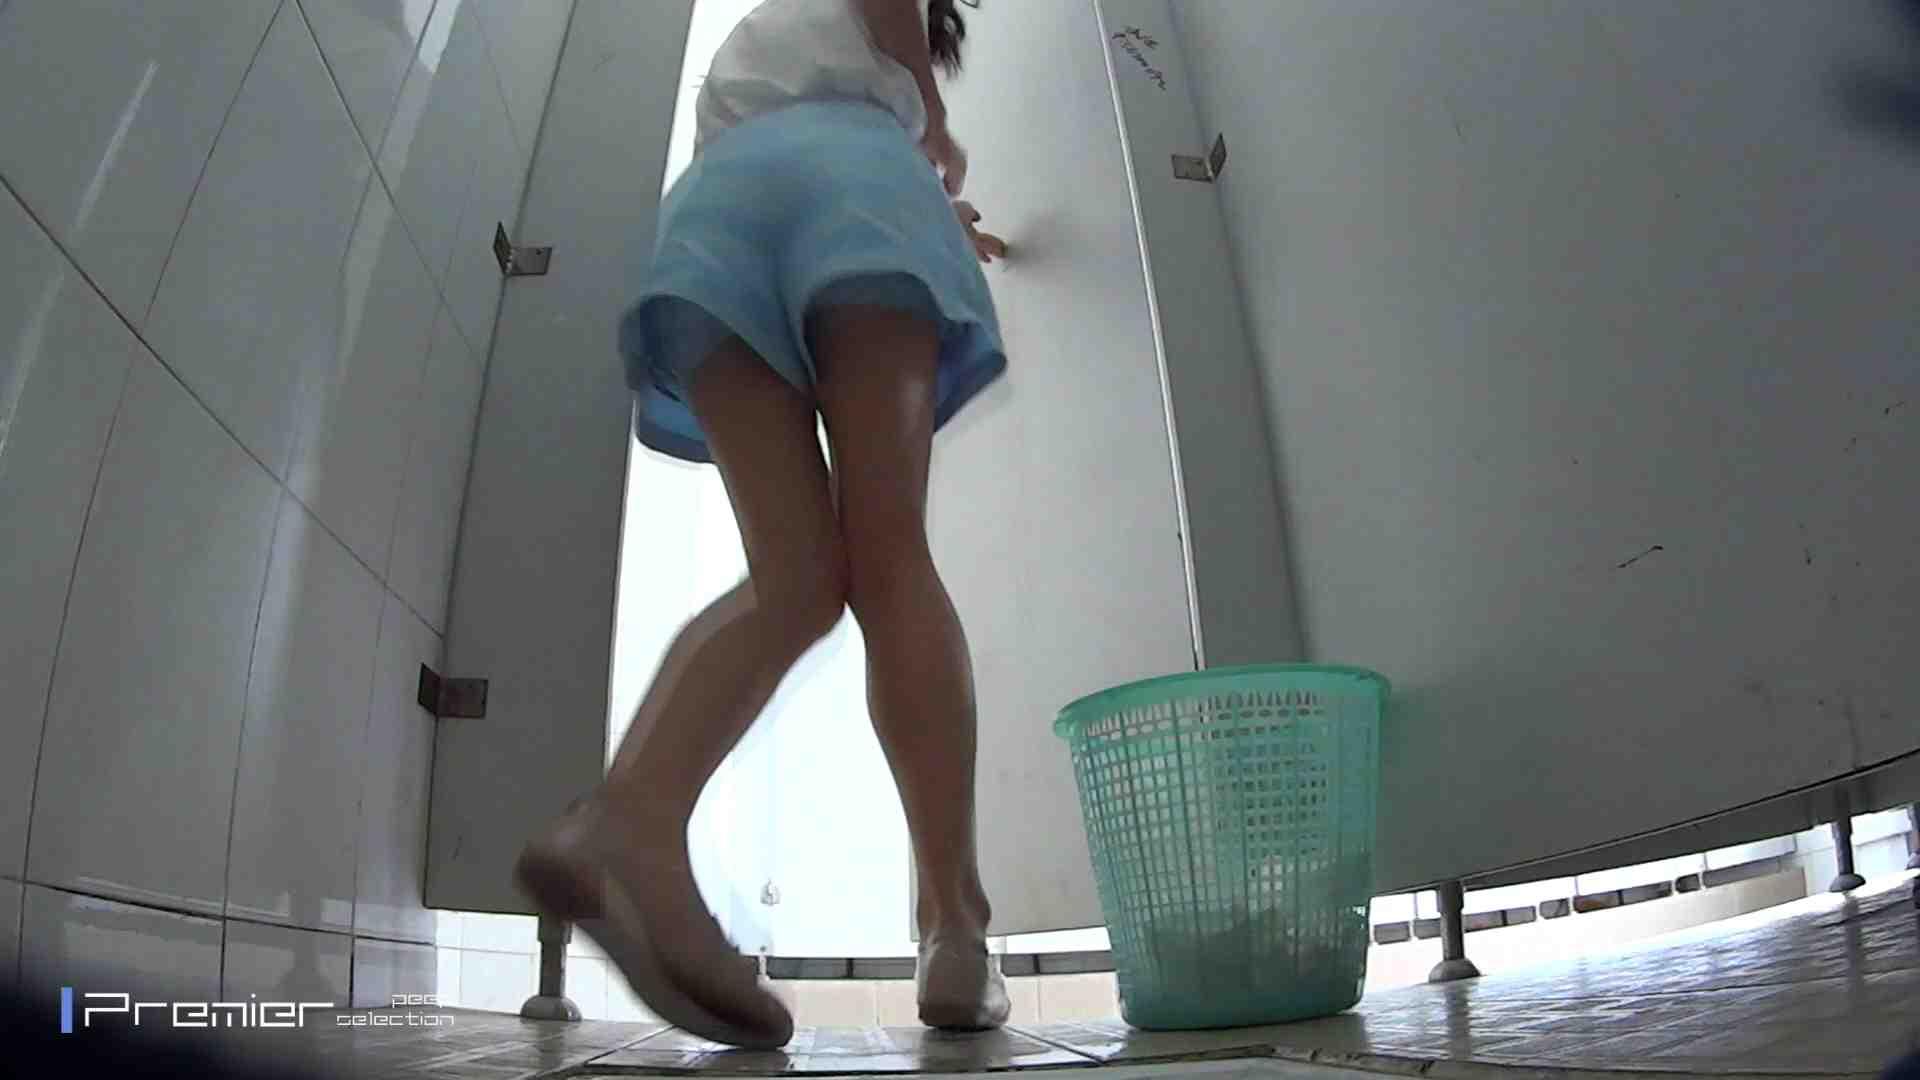 美しい女良たちのトイレ事情 有名大学休憩時間の洗面所事情06 エッチすぎる美女 AV無料動画キャプチャ 80連発 13